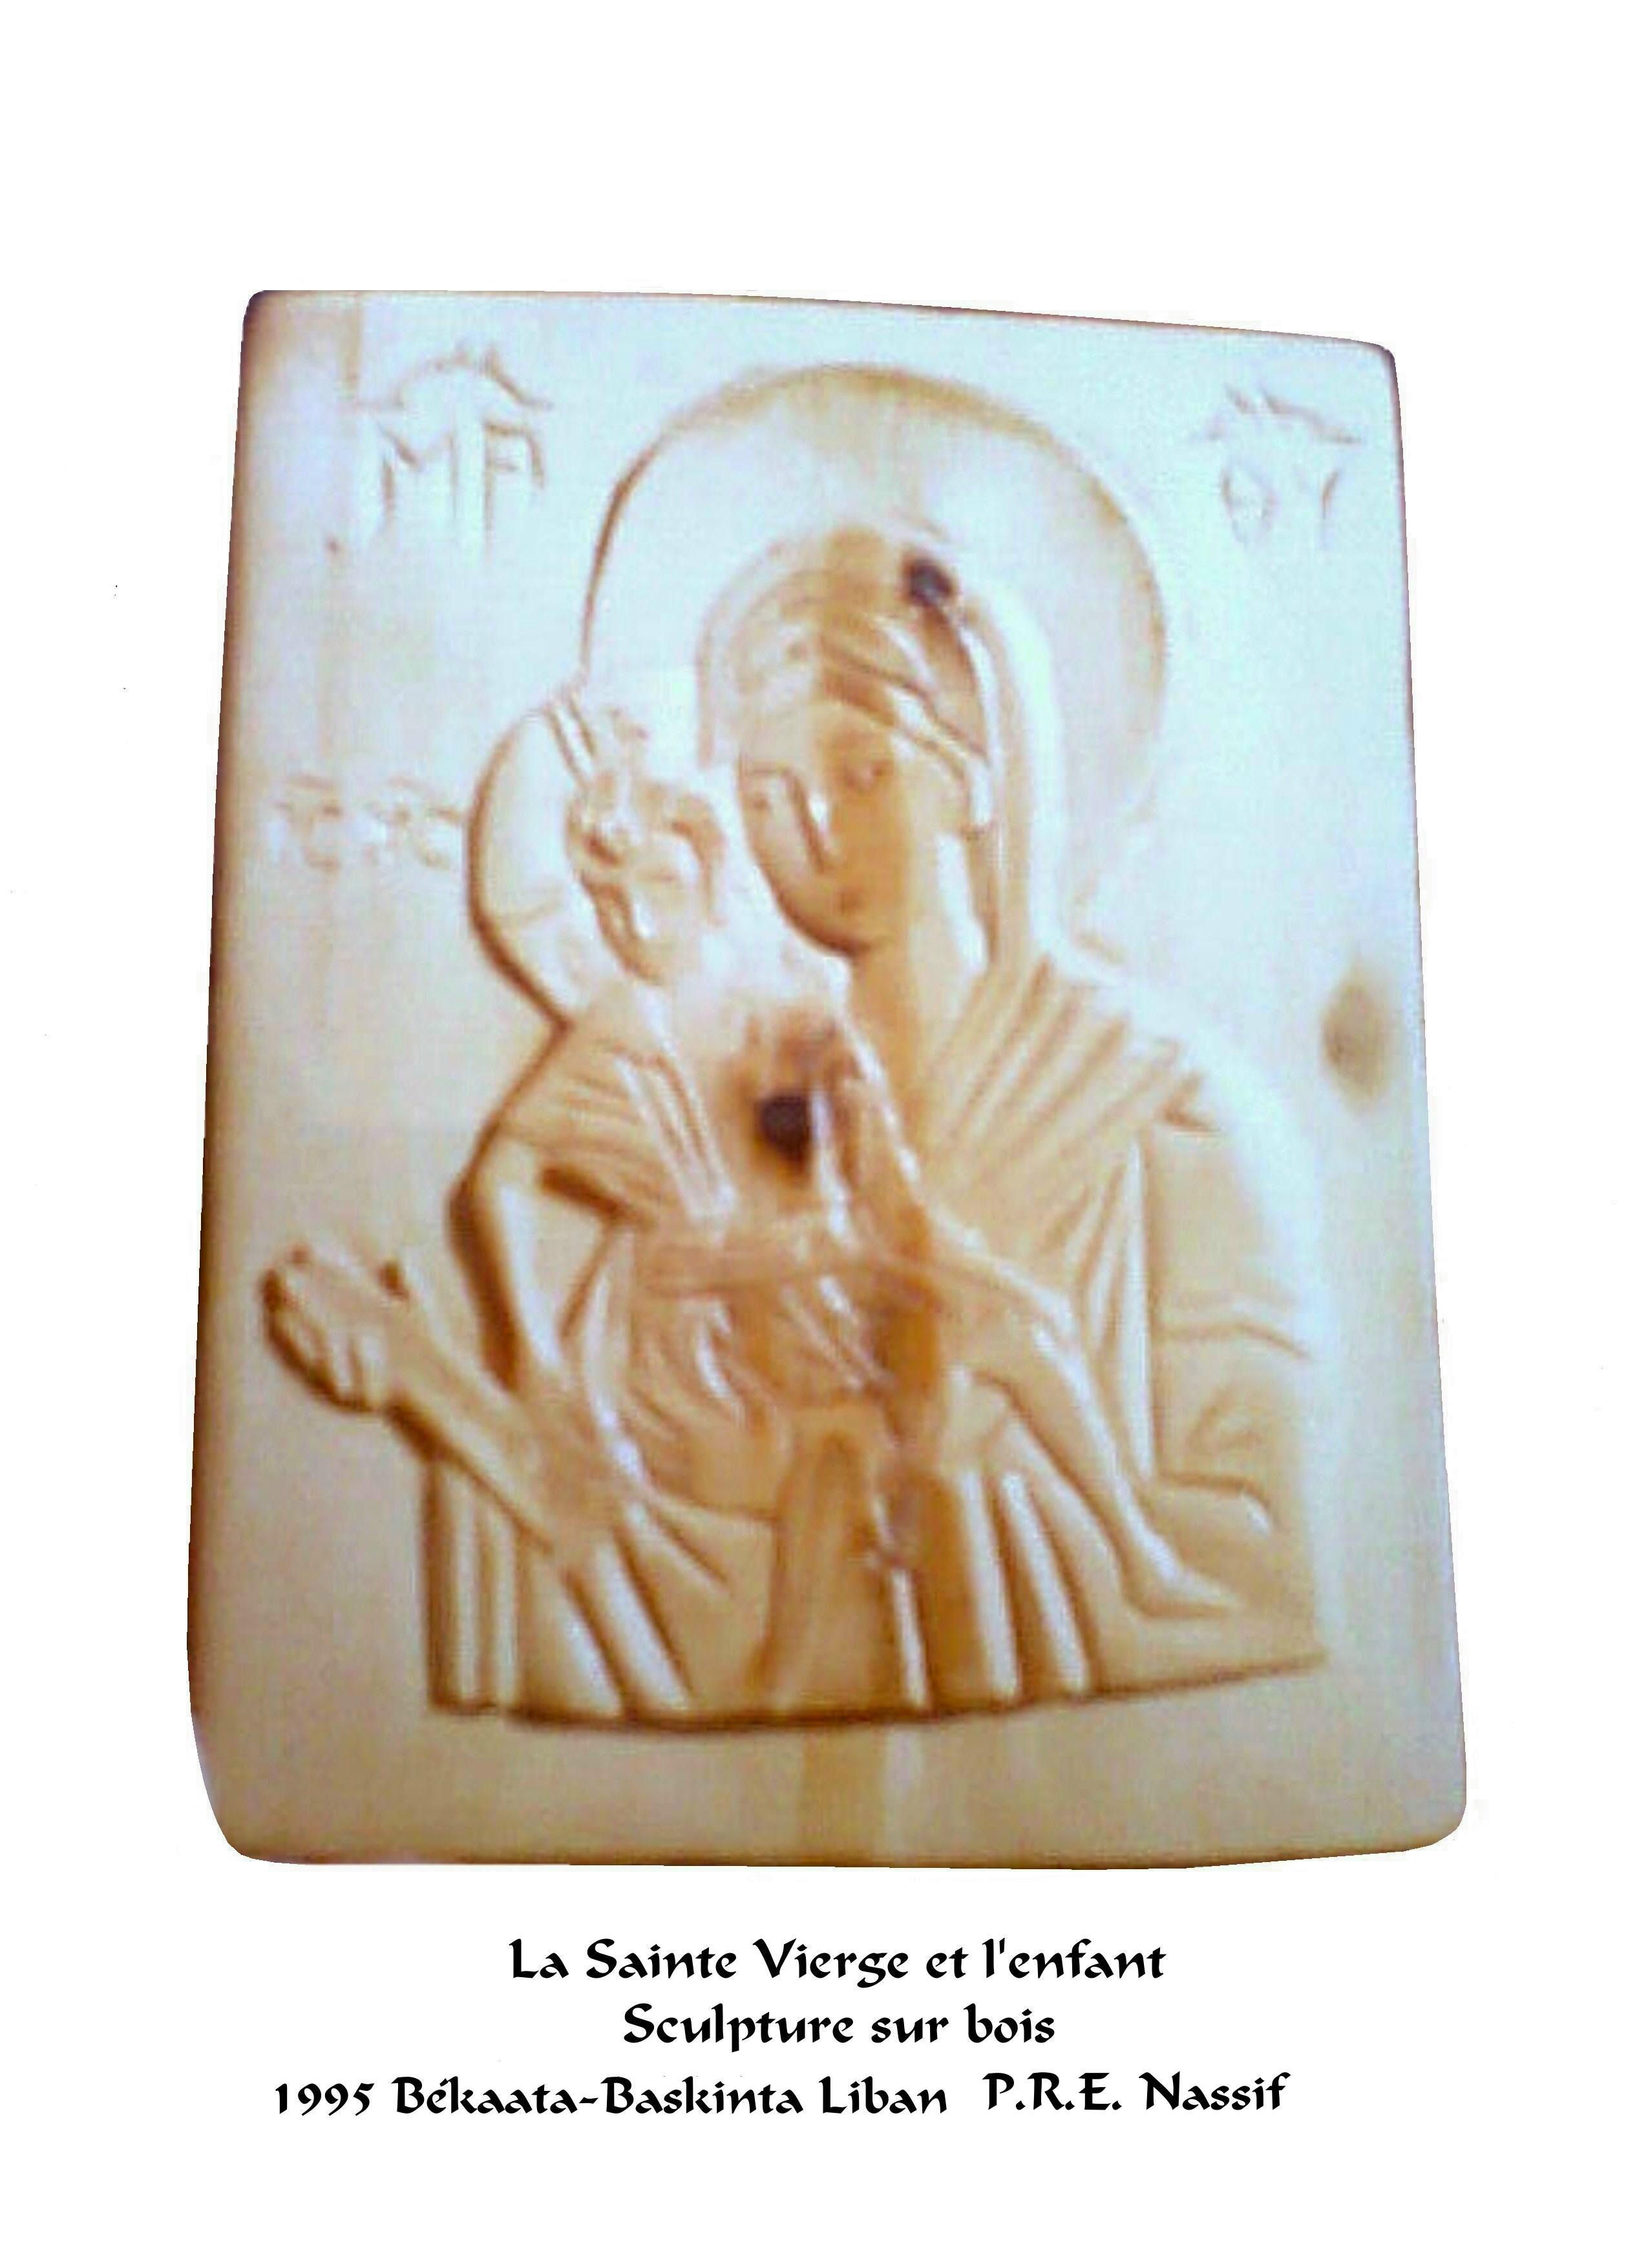 B--1er sculpture sur bois (vierge et l'enfant)